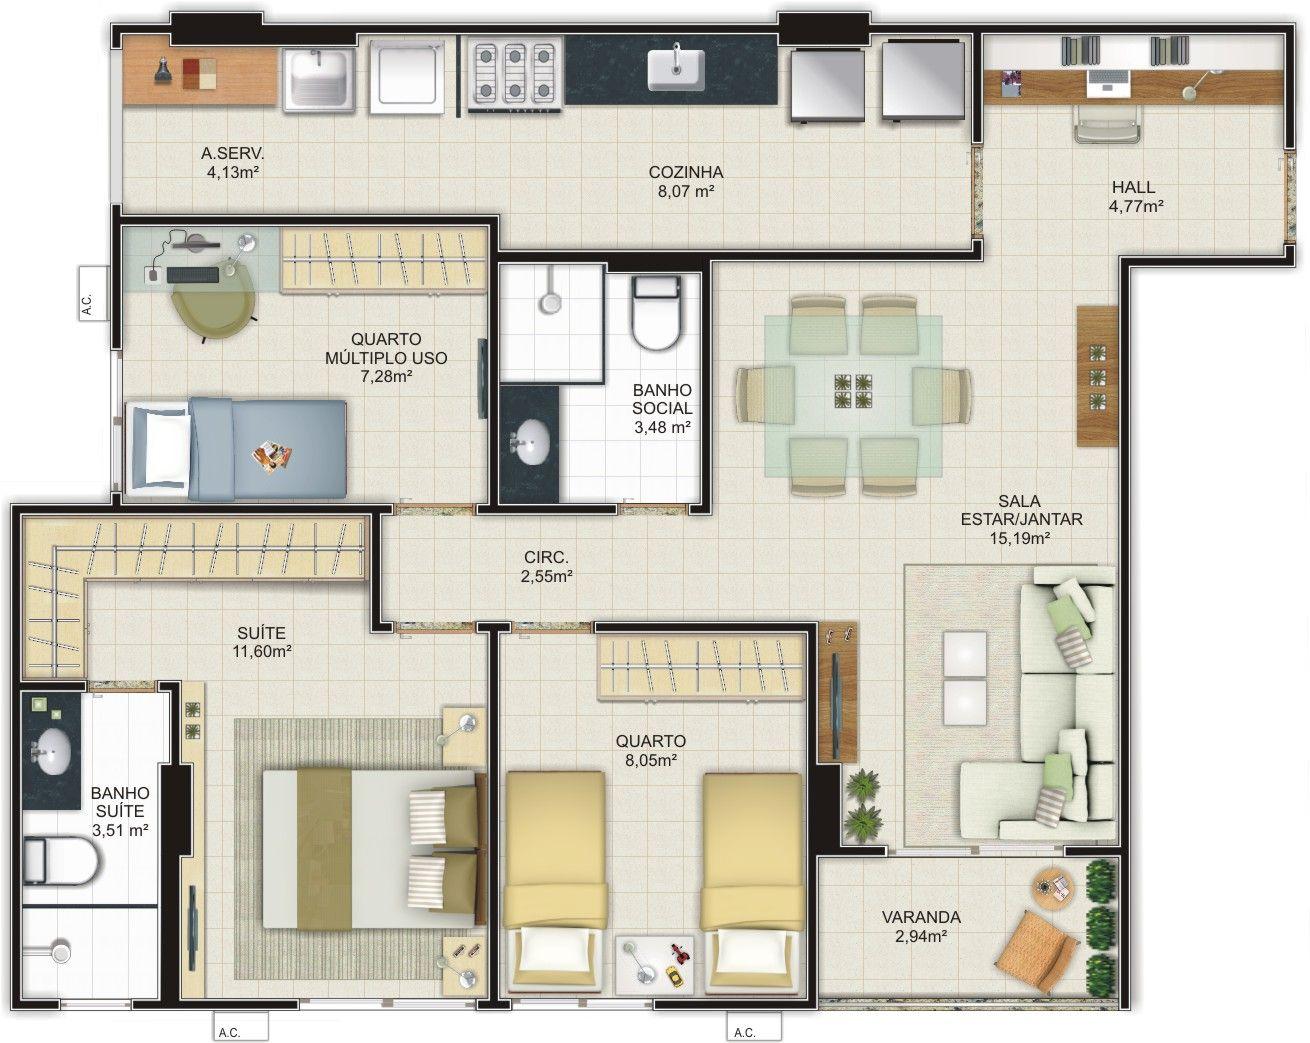 planos de casas pequenas modernas economicas